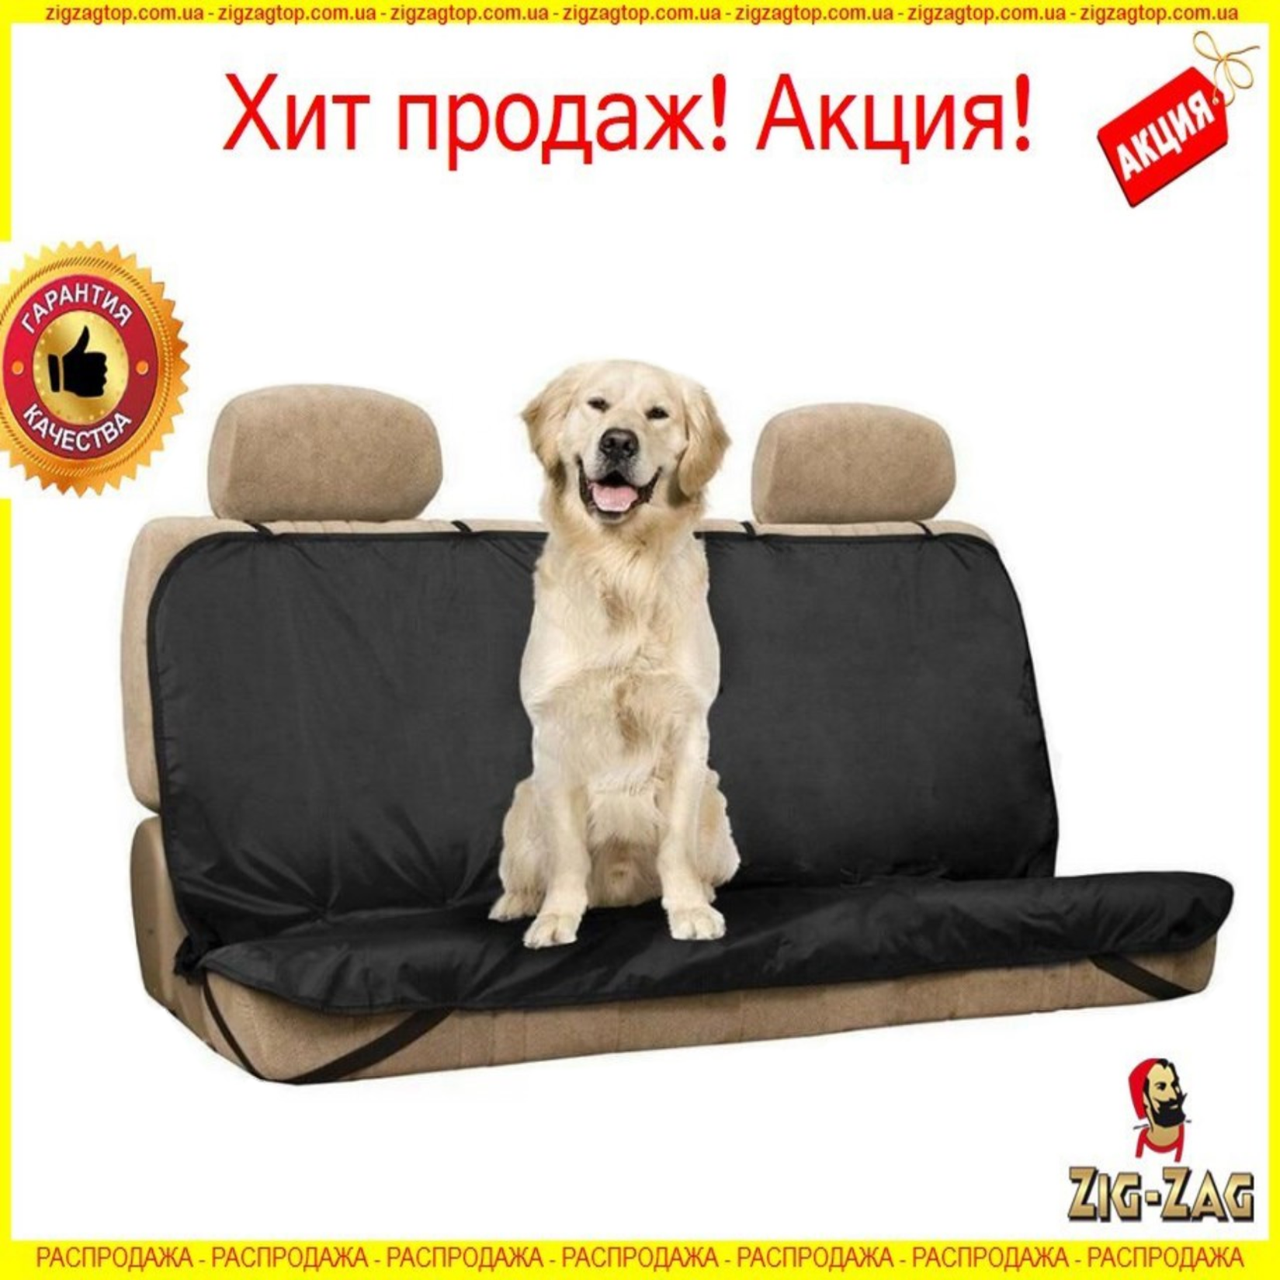 Защитный коврик в Машину для собак PetZoom Коврик для Животных в Автомобиль чехол для Перевозки Котов Авто